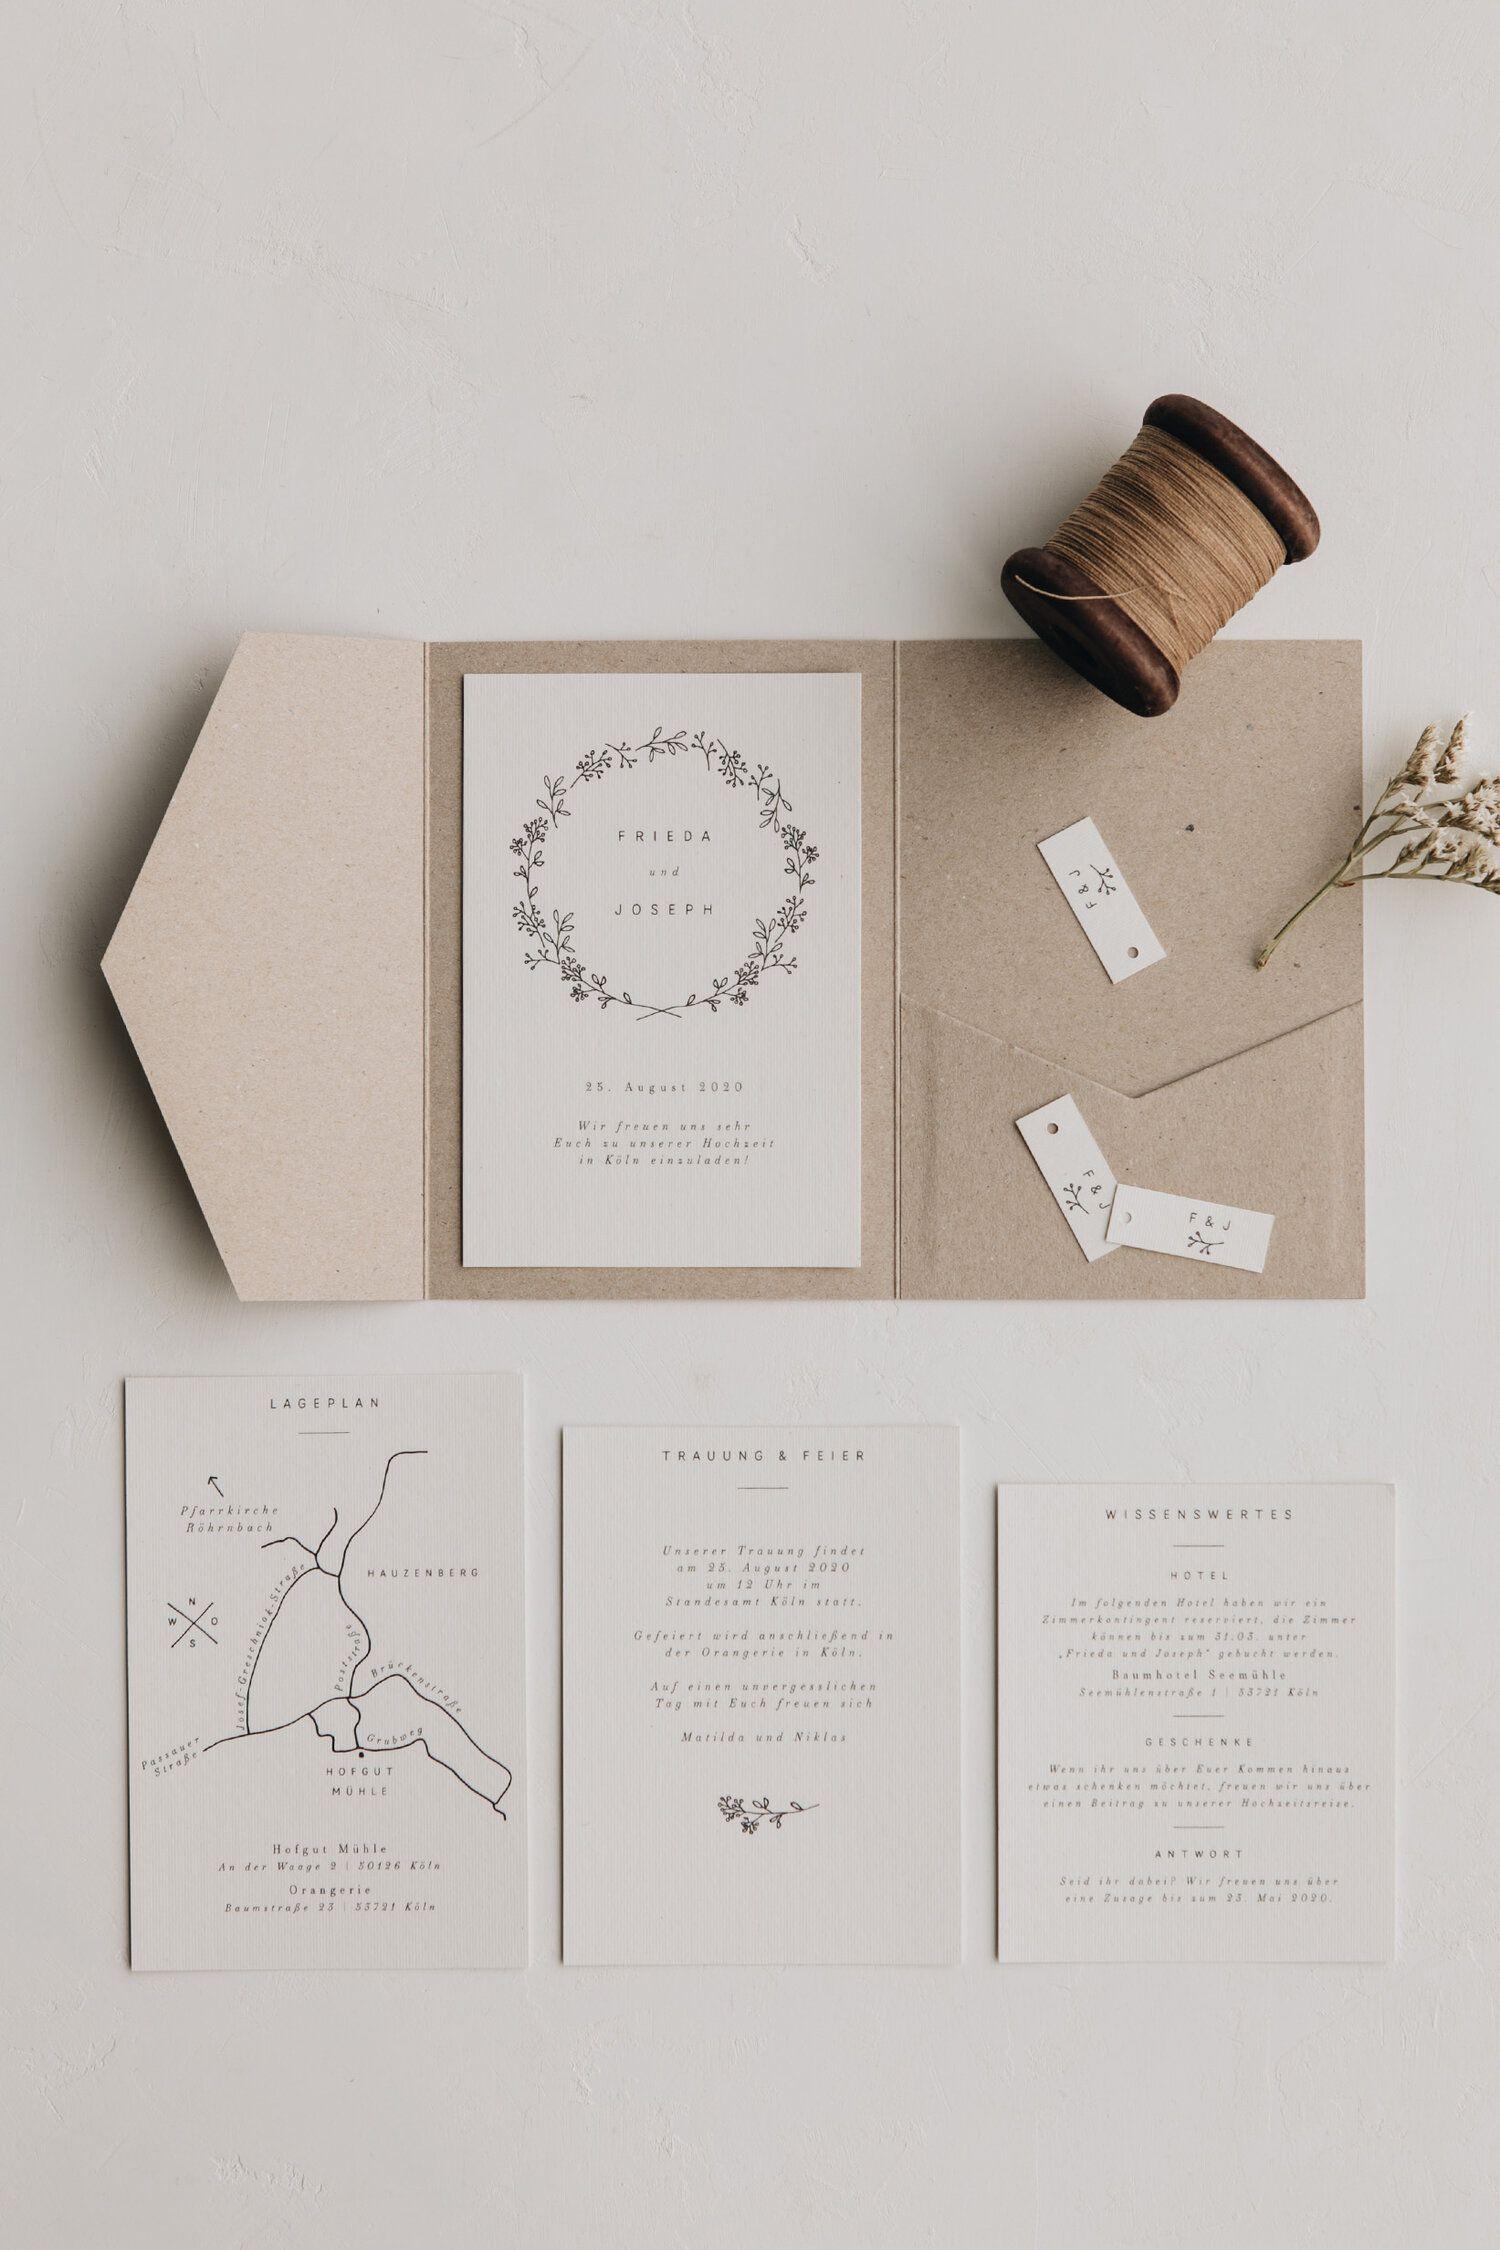 Pocket Fold Einladung Ivy Traumanufaktur Letterpress Studio Hochzeitspapeterie Hochzeitsfotogr Hochzeitseinladungen Diy Hochzeitseinladung Einladungen